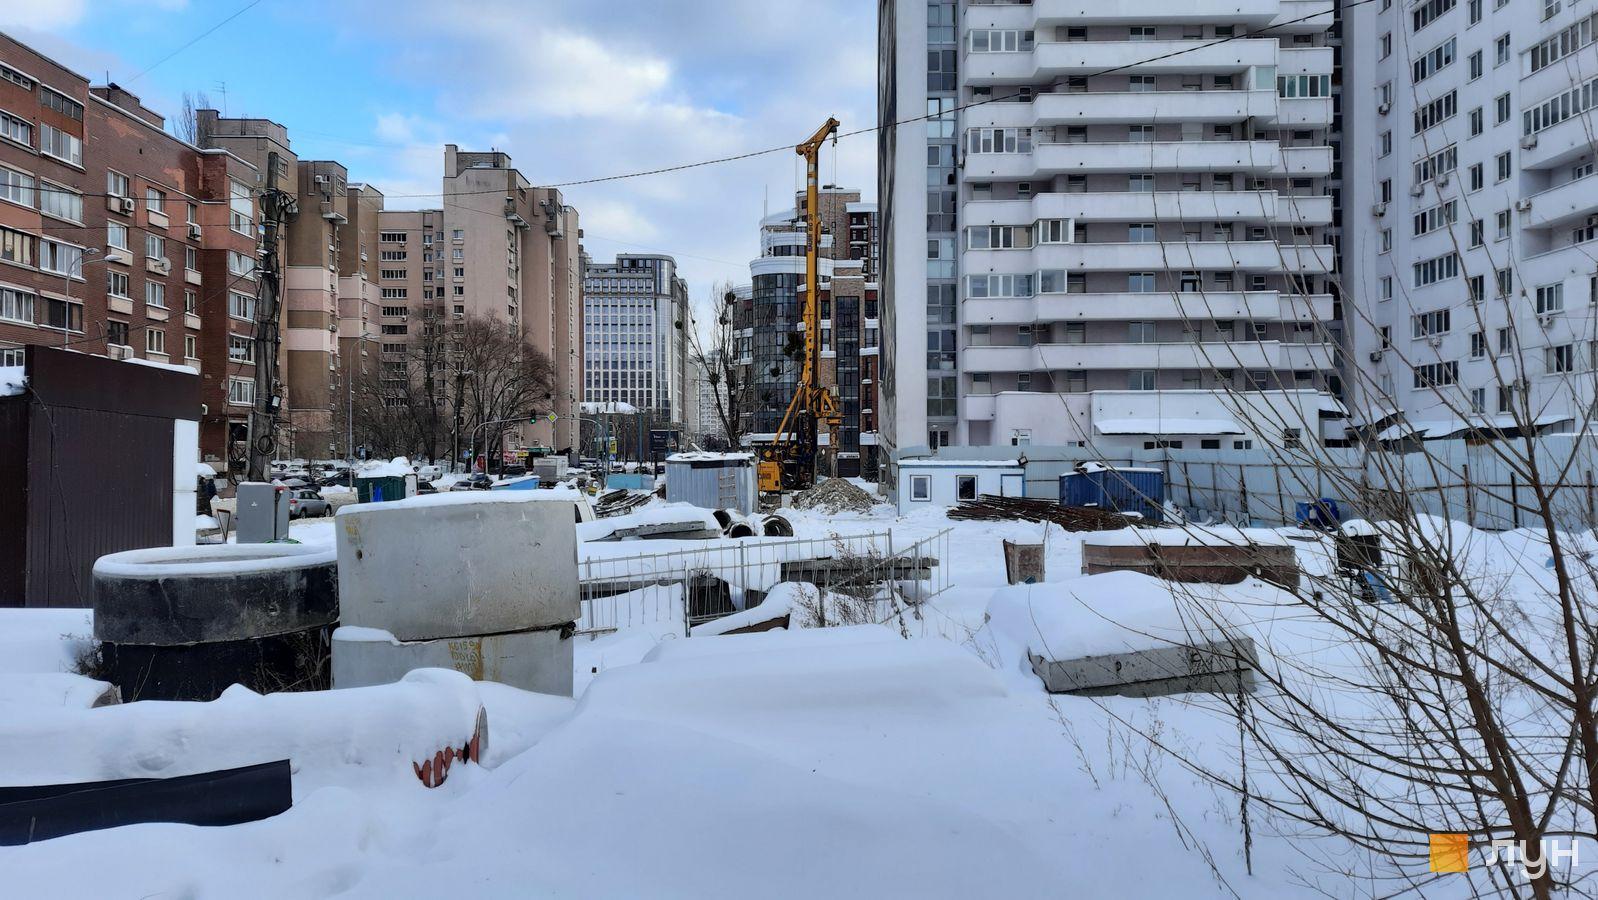 Ход строительства ул. Казимира Малевича, 44, 46, , февраль 2021